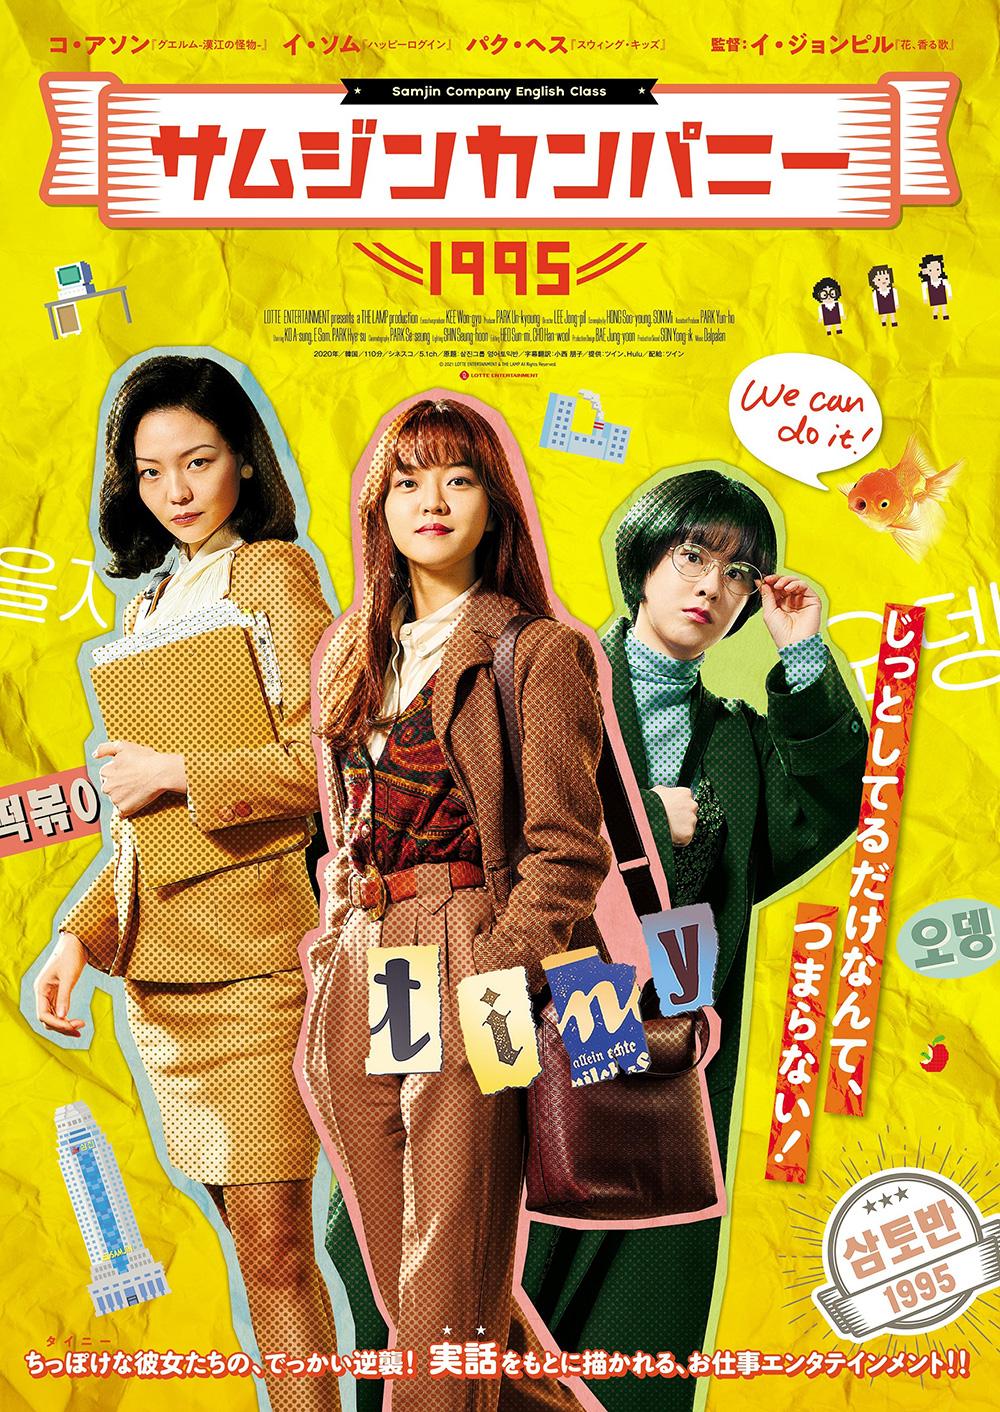 『サムジンカンパニー1995』